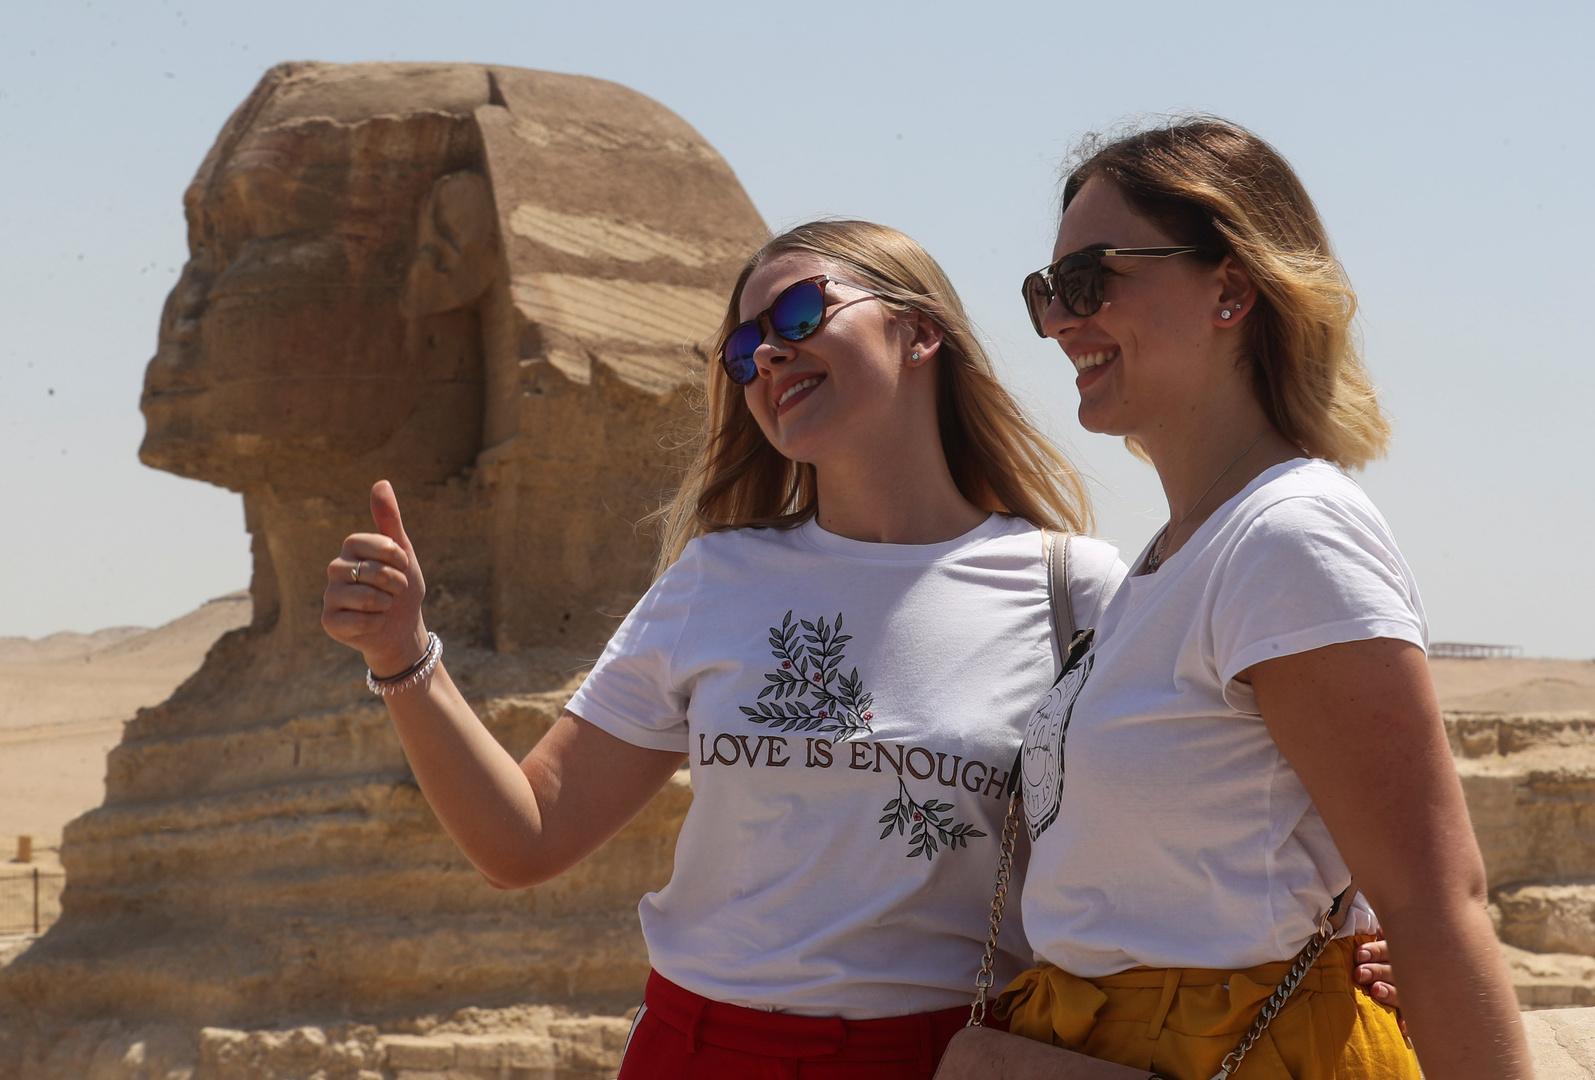 السياح في مصر